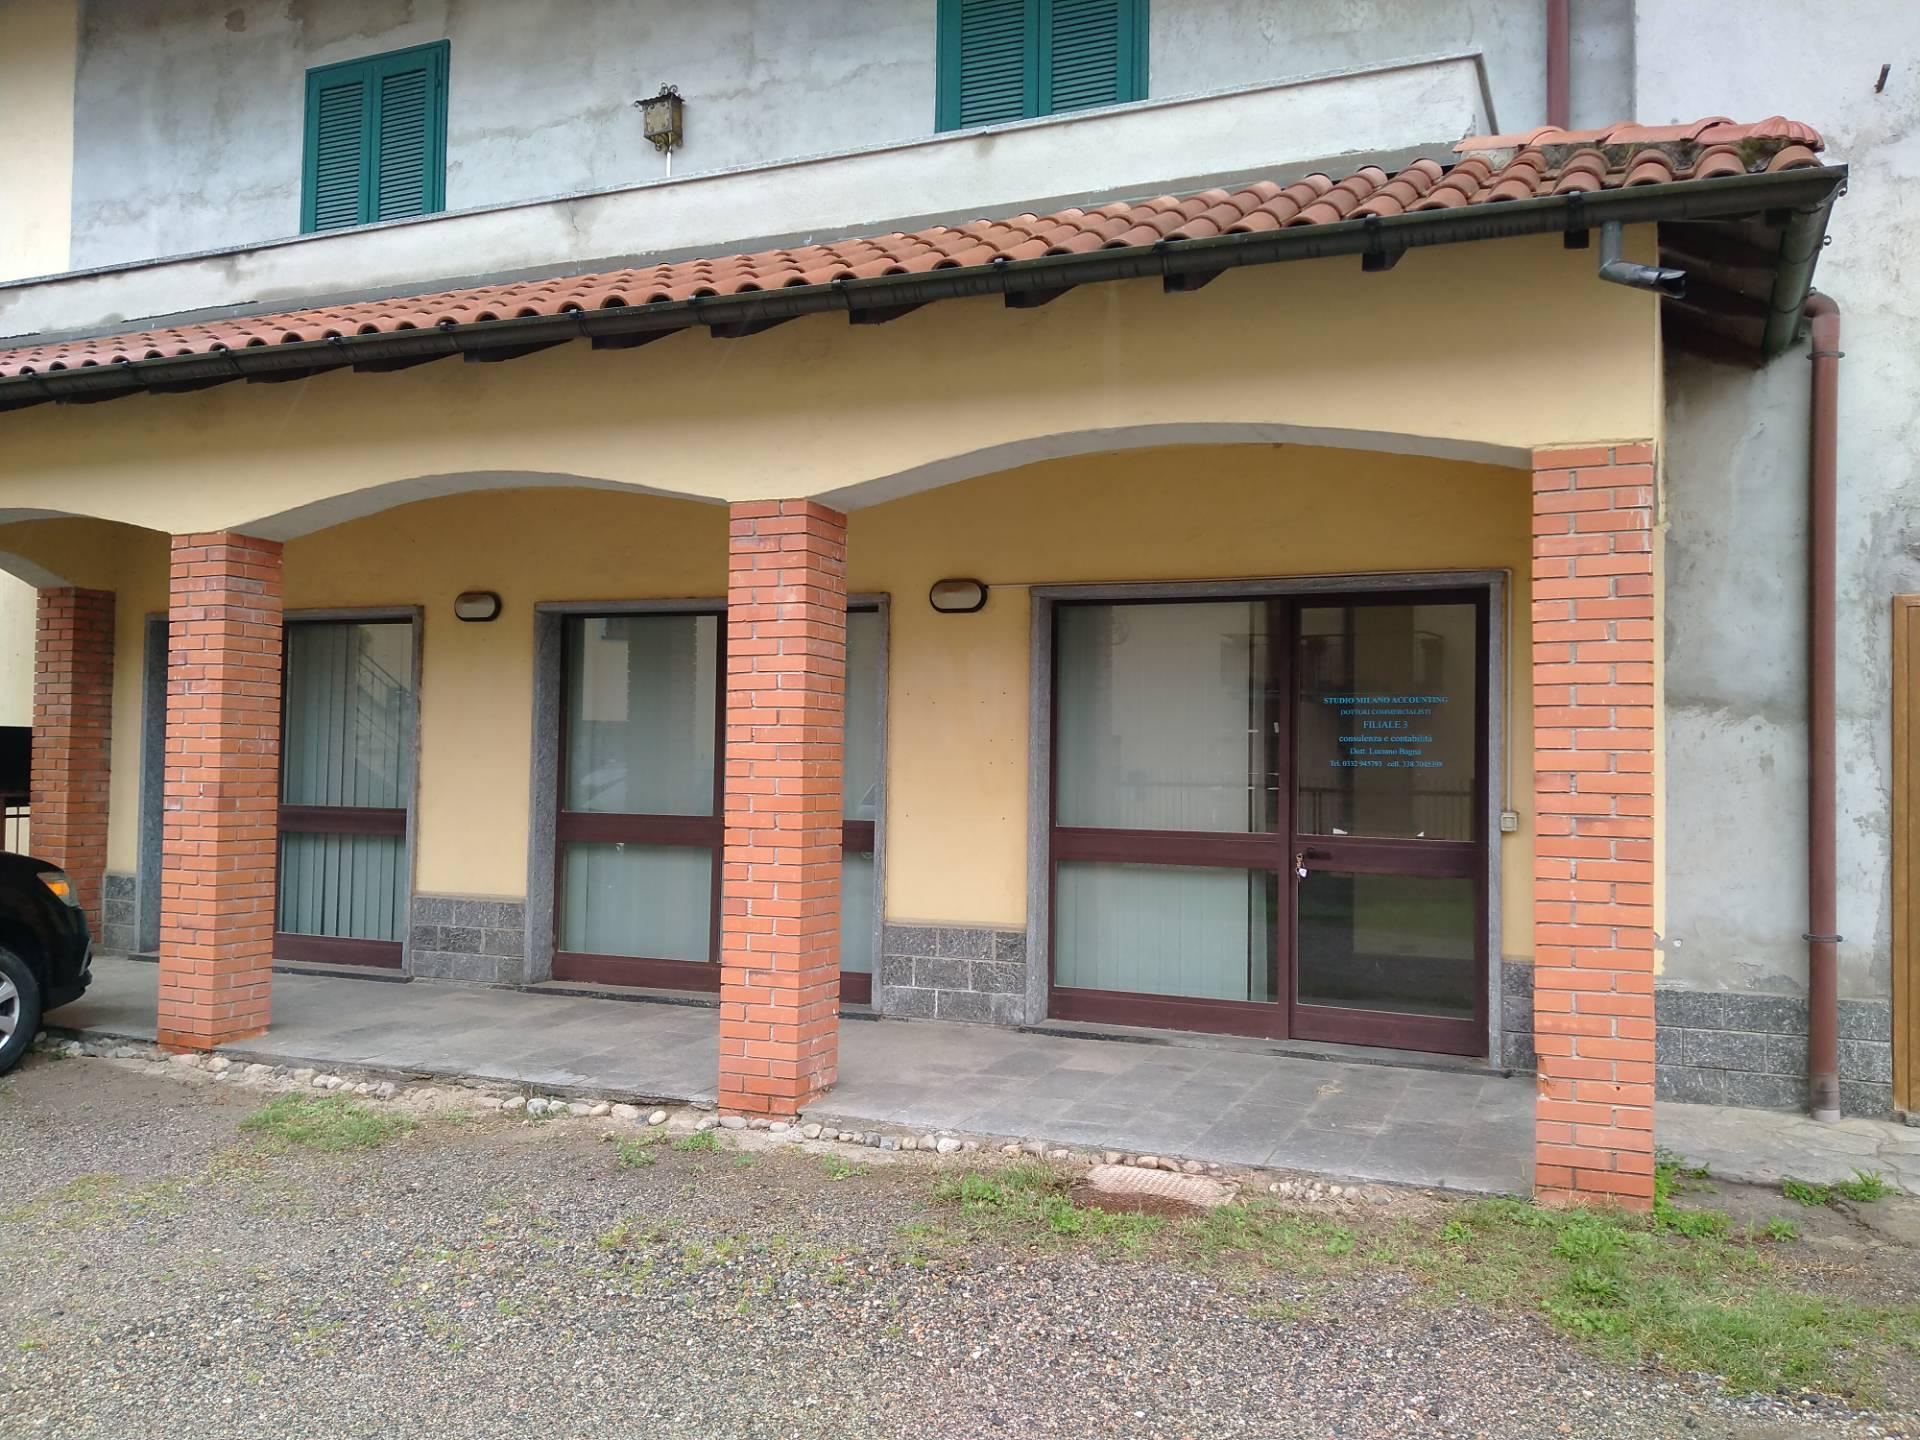 Negozio / Locale in affitto a Casale Litta, 9999 locali, zona adosia, prezzo € 450 | PortaleAgenzieImmobiliari.it